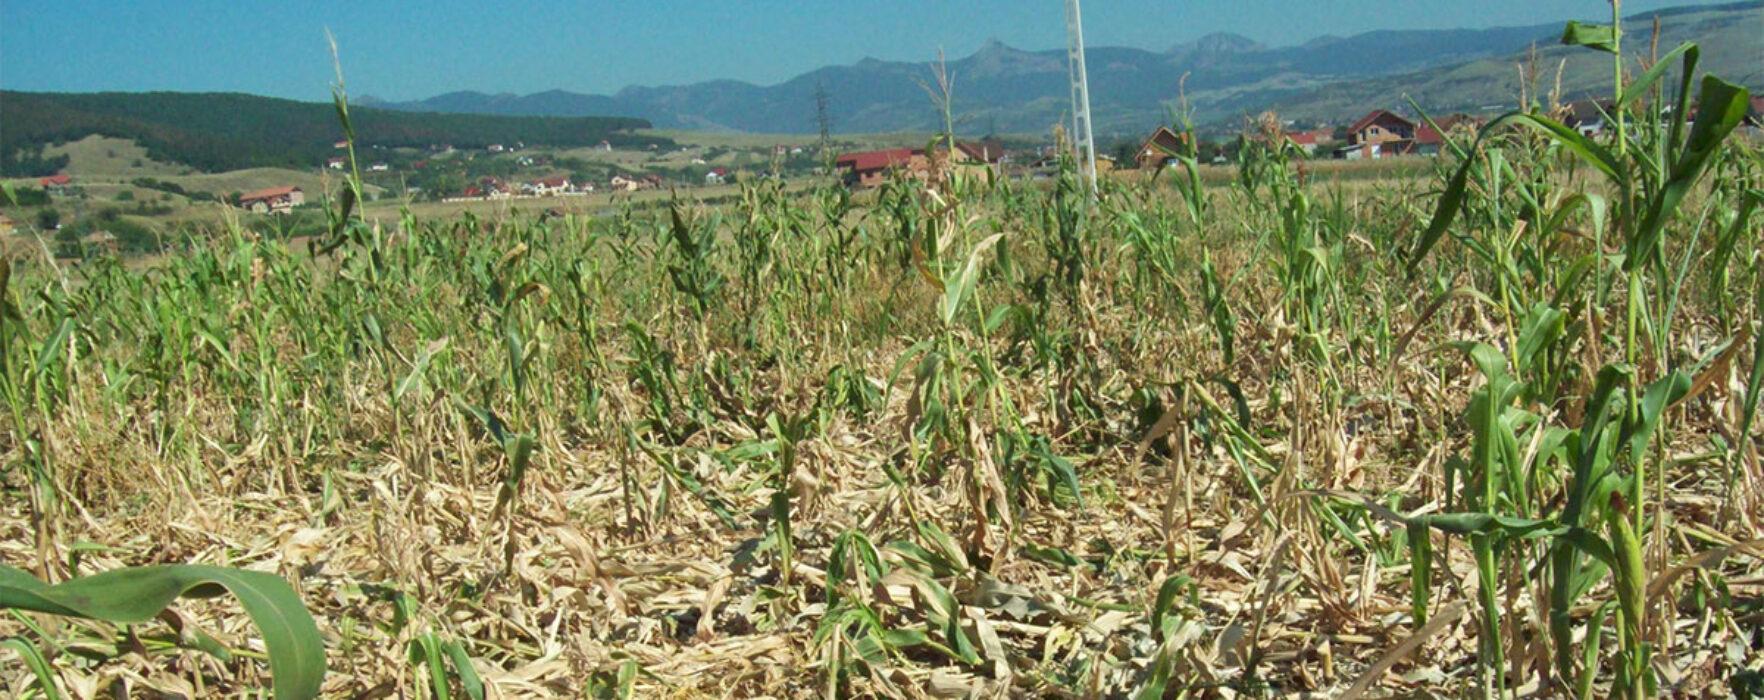 Daniel Constantin: Cea mai mare zonă de legume calamitată din ţară a fost în Dâmboviţa